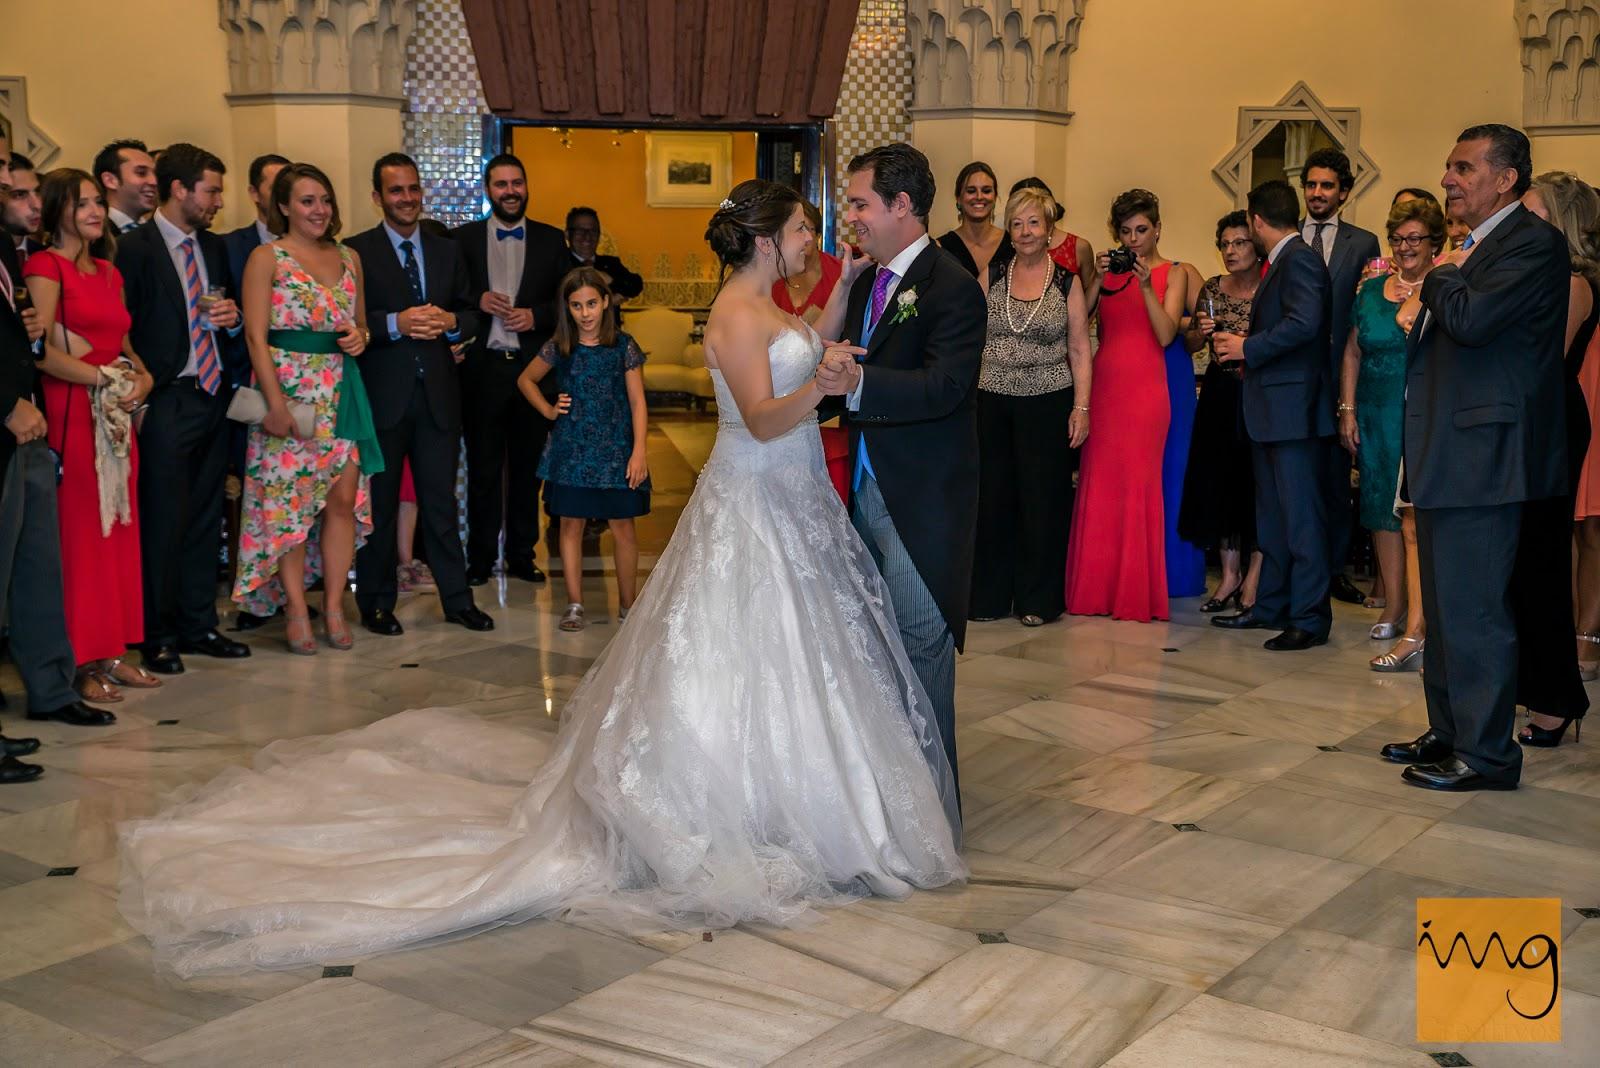 Fotografía de boda en el baile